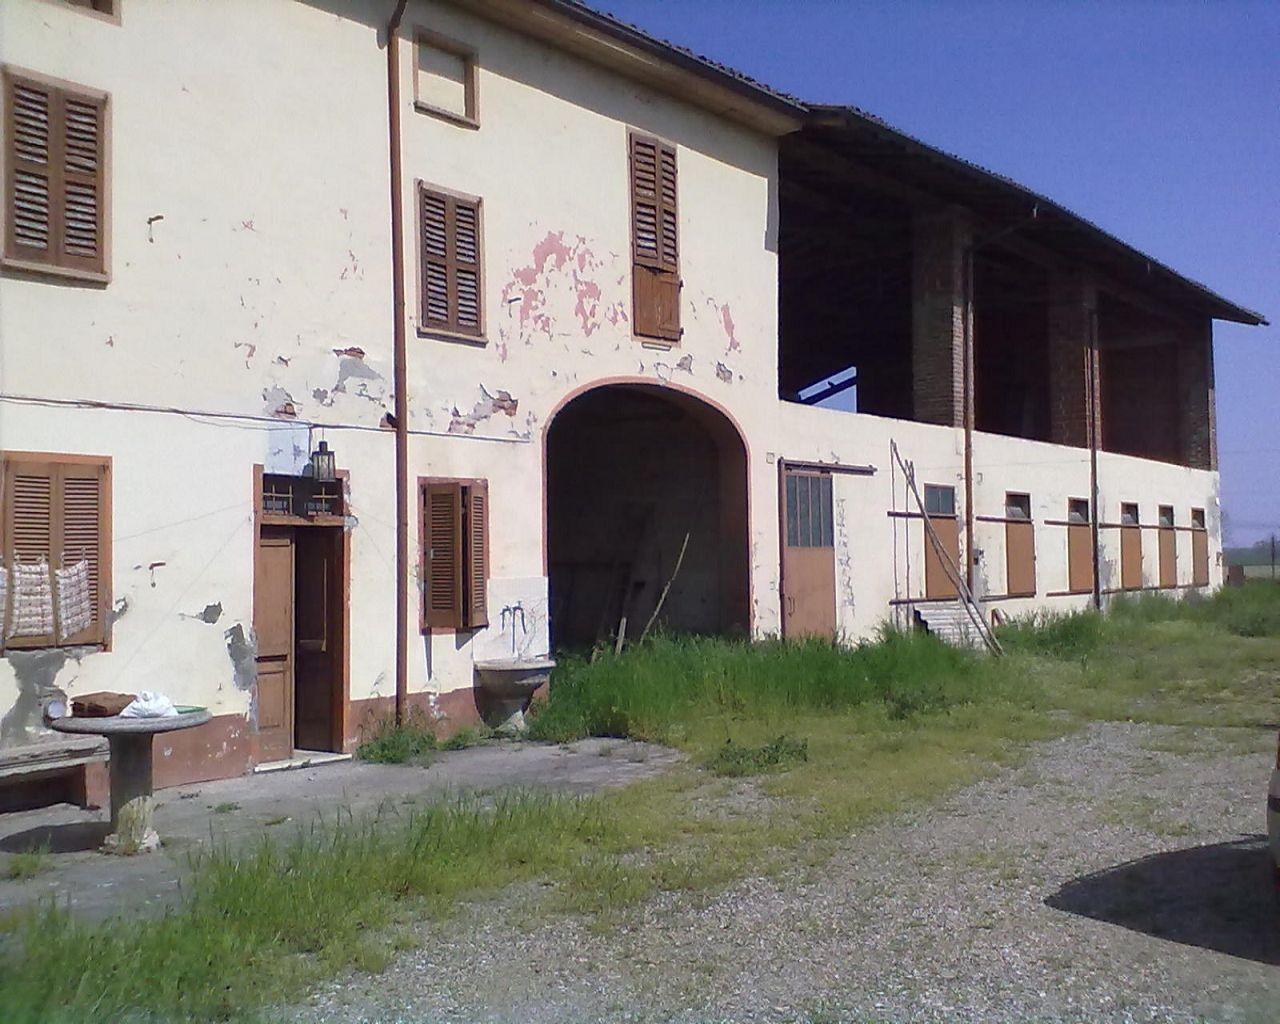 Rustico / Casale in vendita a Monticelli Pavese, 6 locali, zona Località: Monticelli Pavese, prezzo € 89.000 | Cambio Casa.it